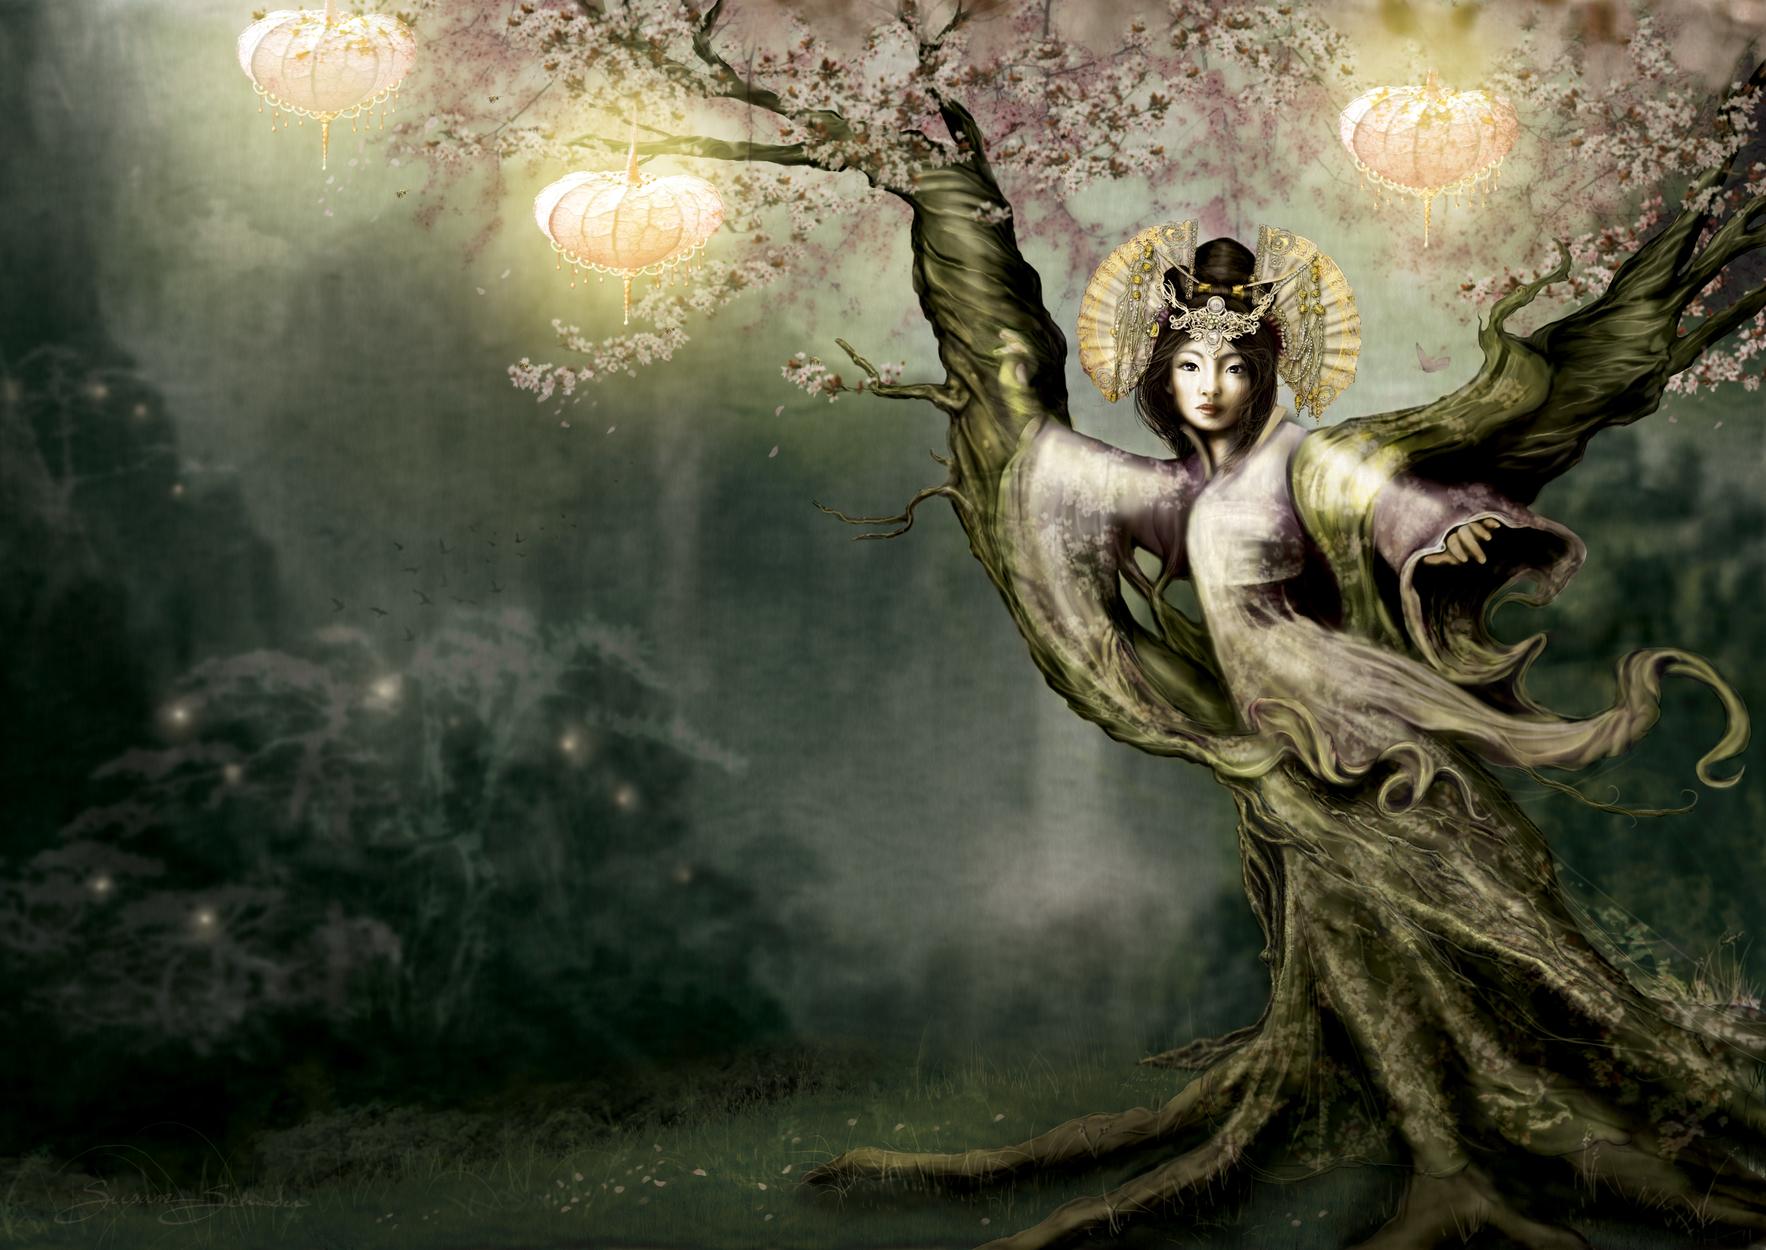 Sakura Artwork by Susan Schroder